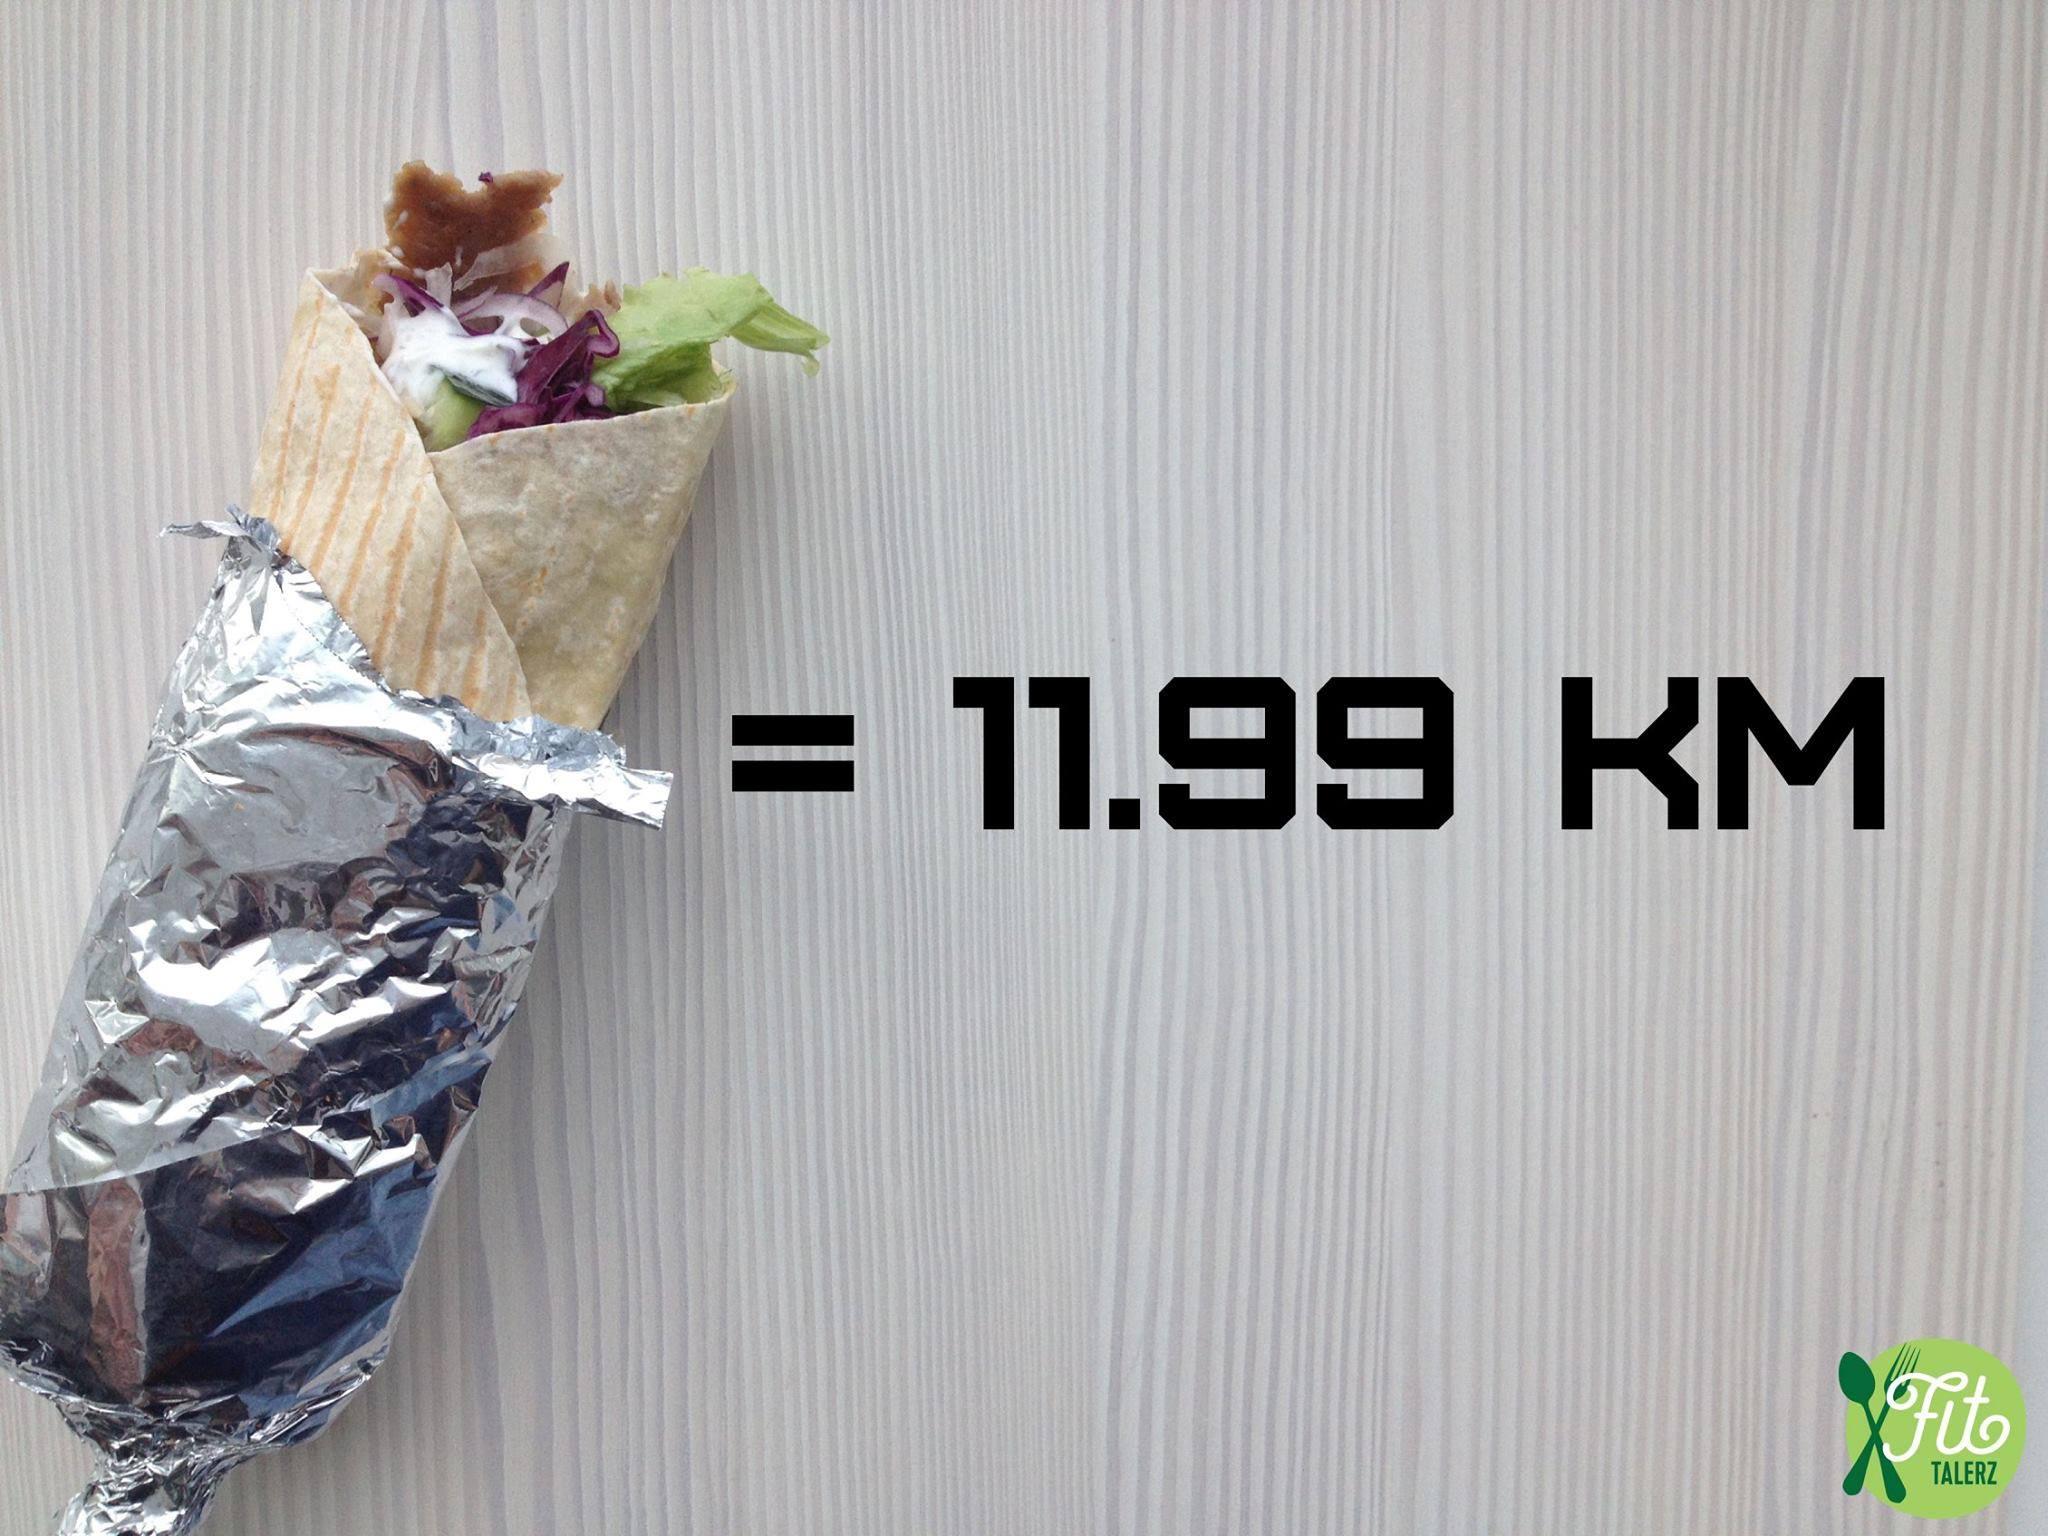 Quantos km voce precisa correr para queimar estes alimentos (4)